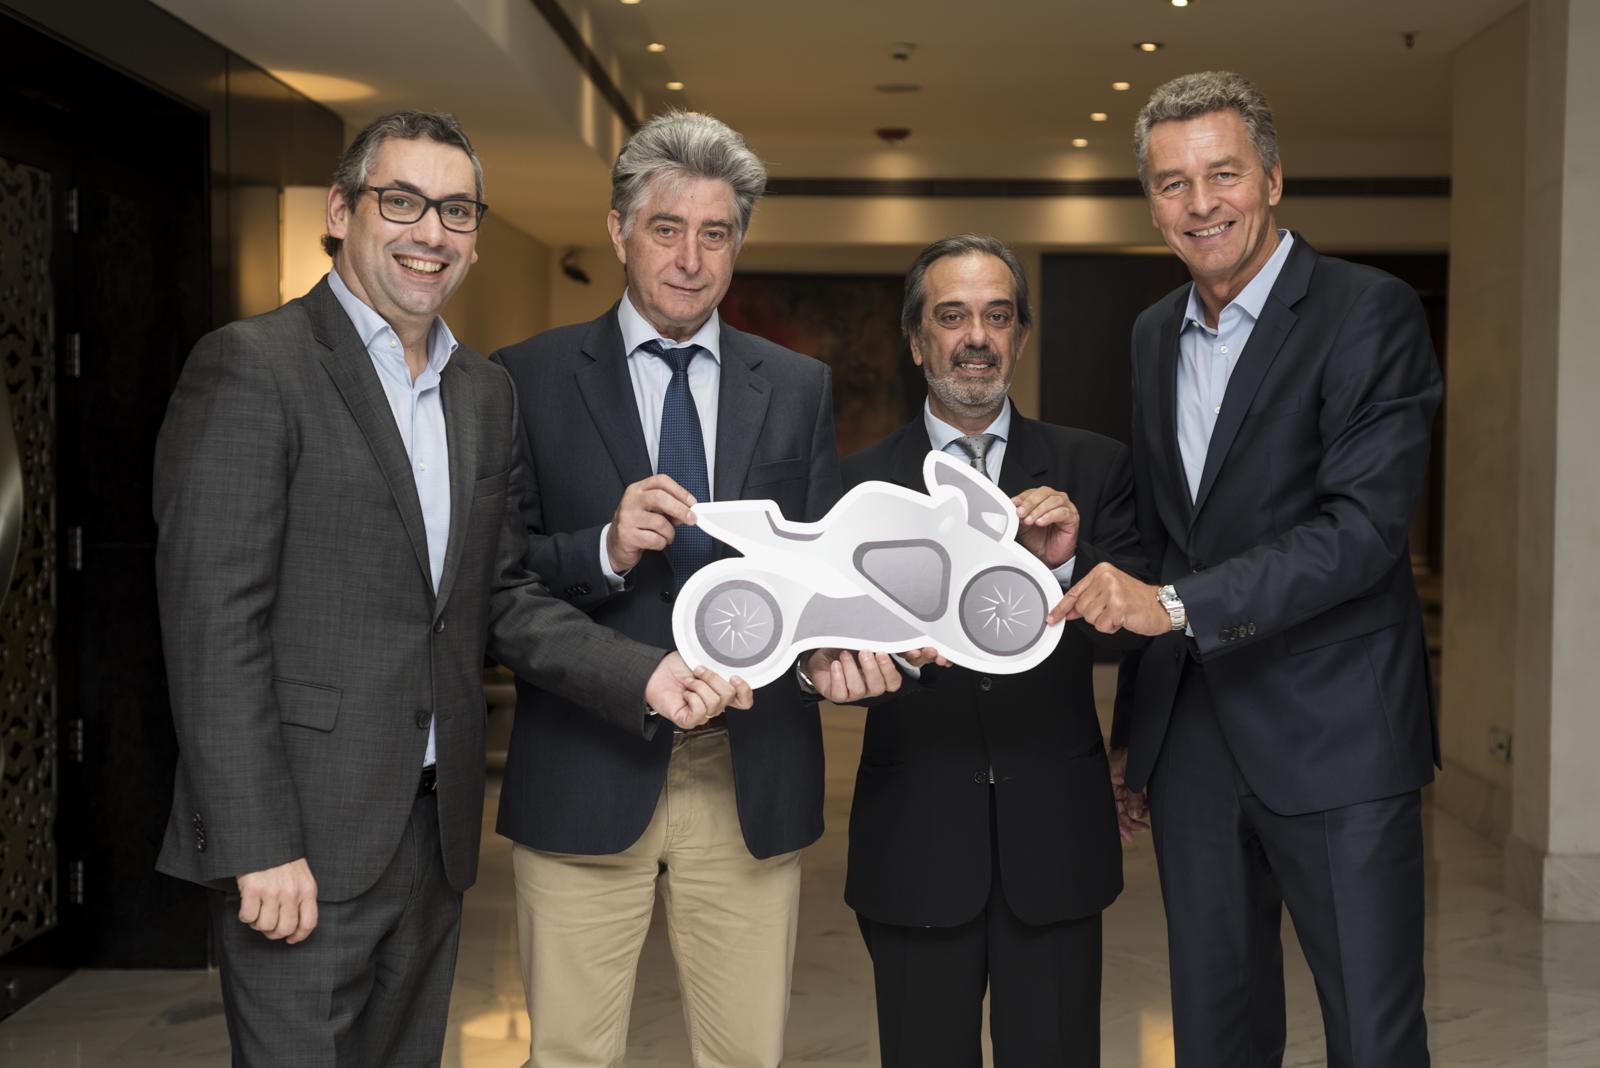 CAFAM y Messe Frankfurt Argentina firman un acuerdo estratégico de cooperación para realizar el 1° Salón Internacional de la Motocicleta Argentina